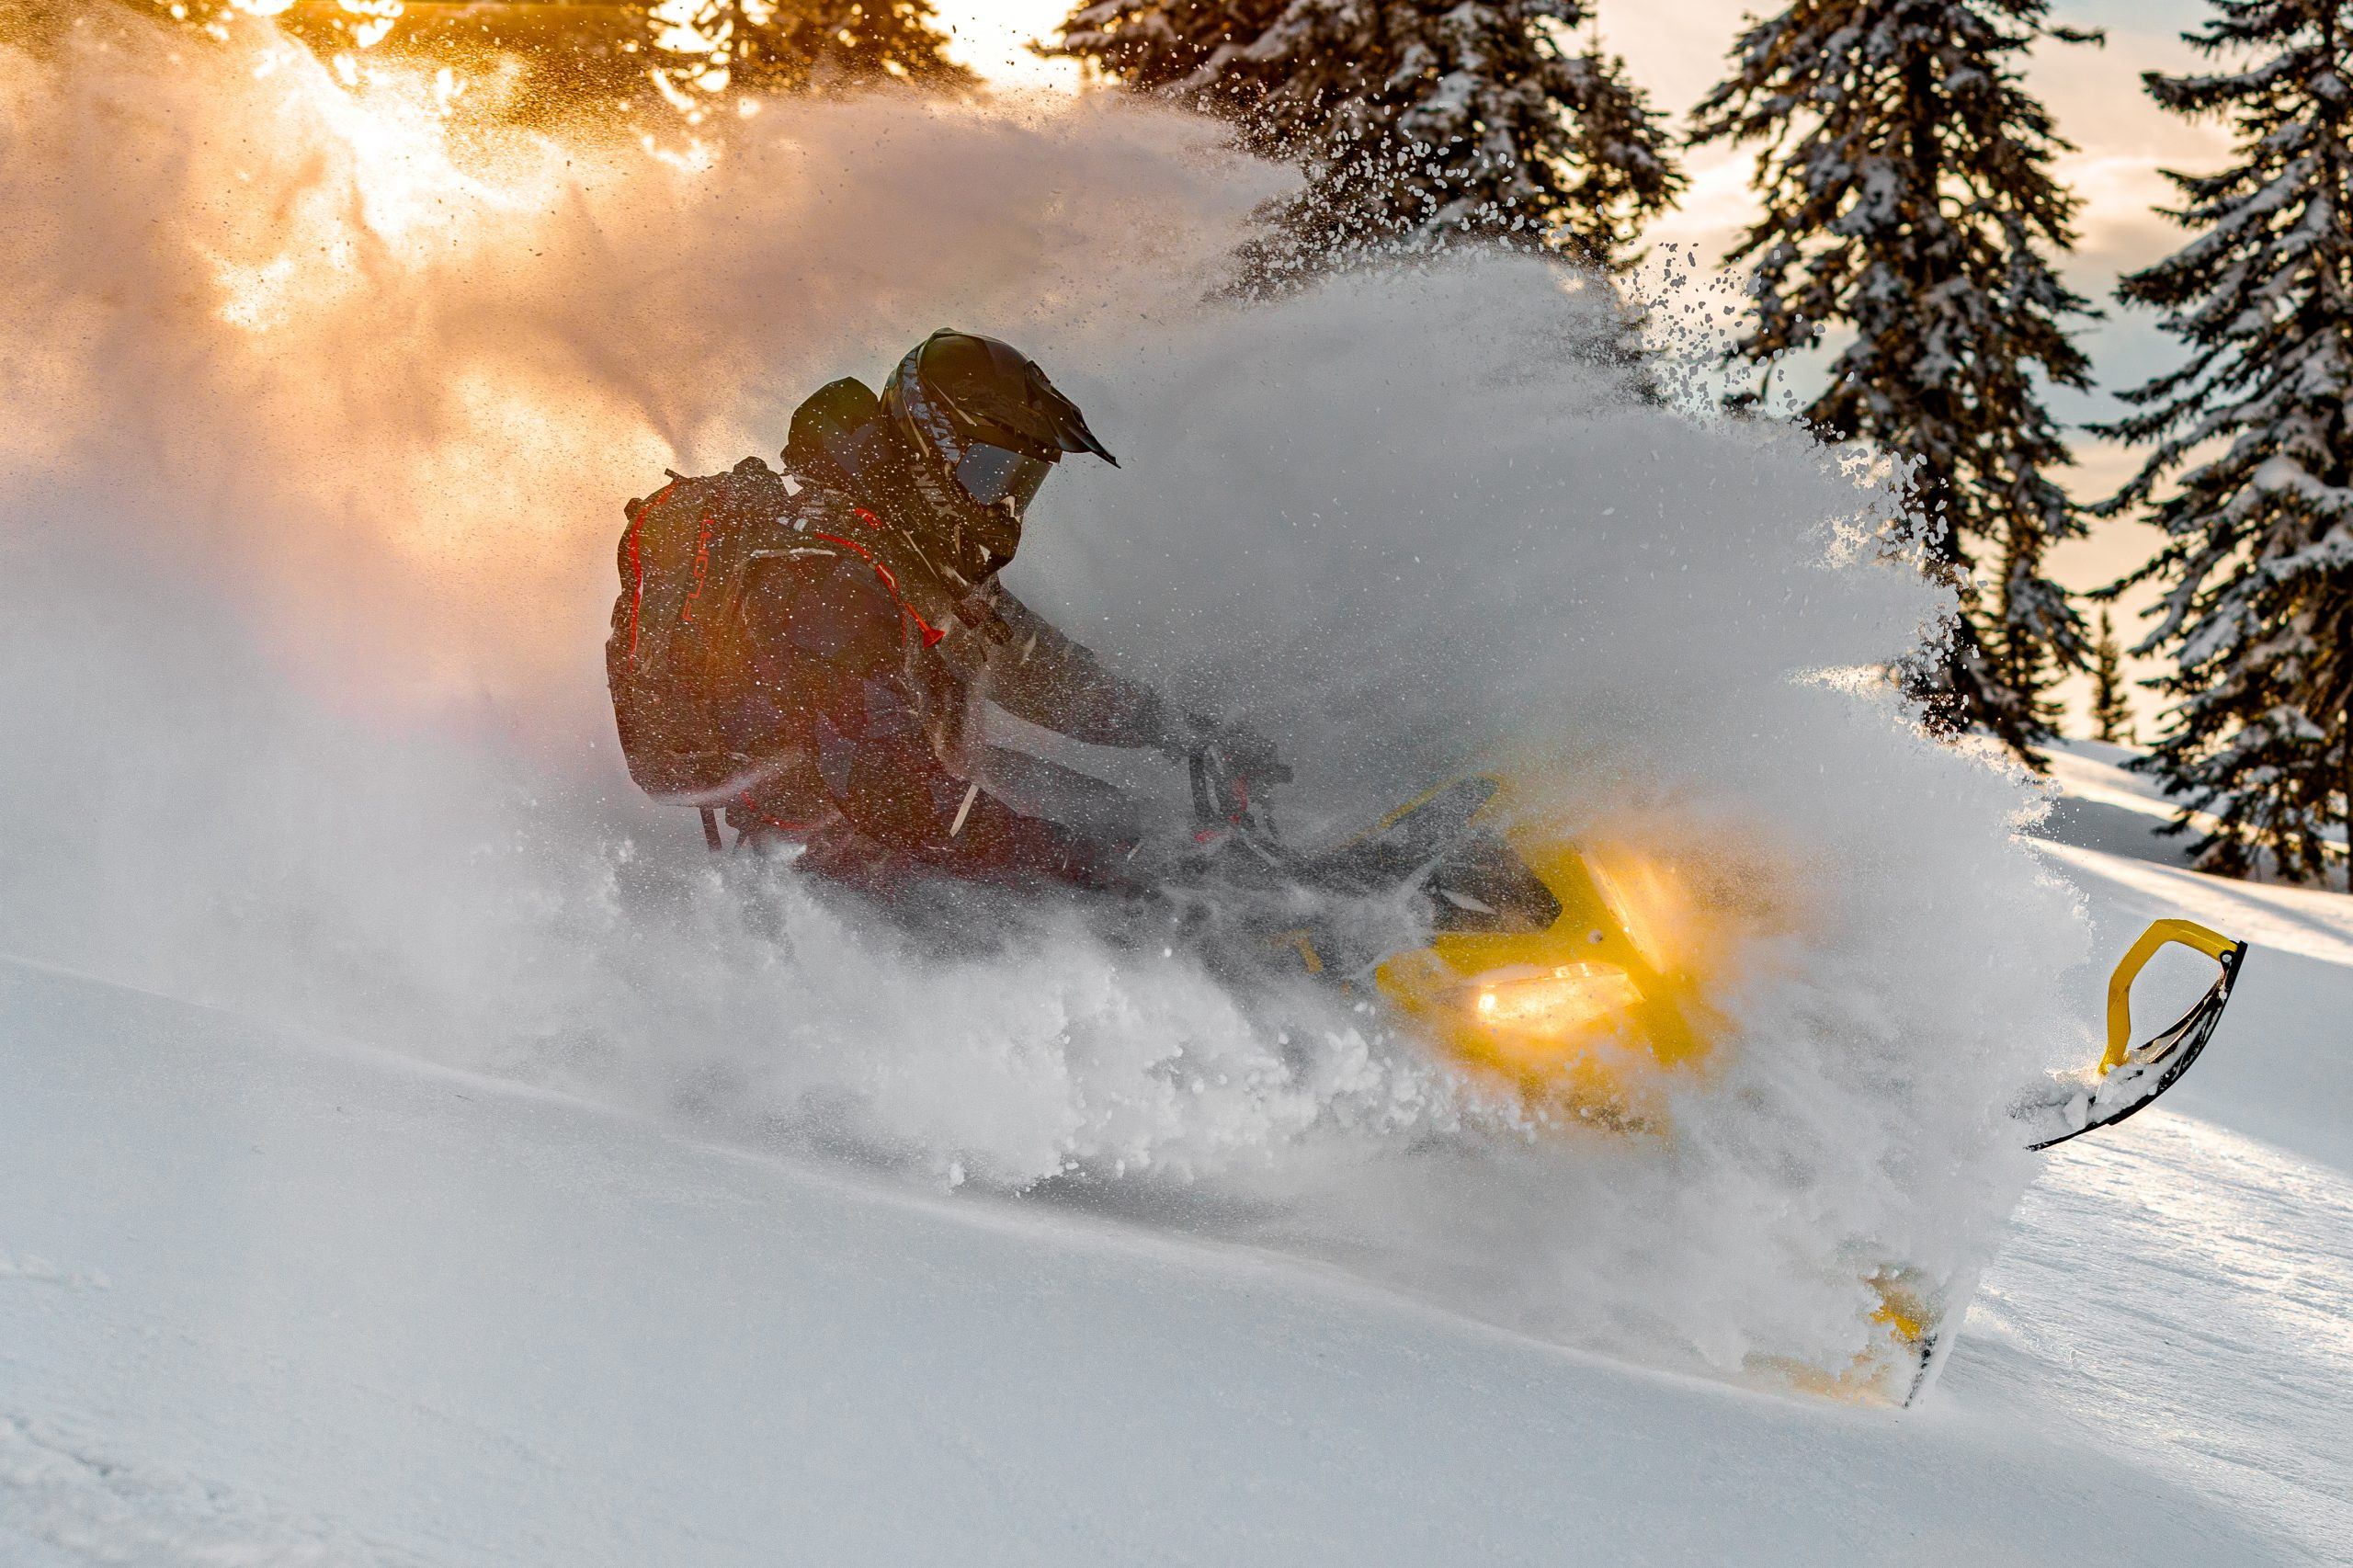 Школа снегоходного катания в Приисковом